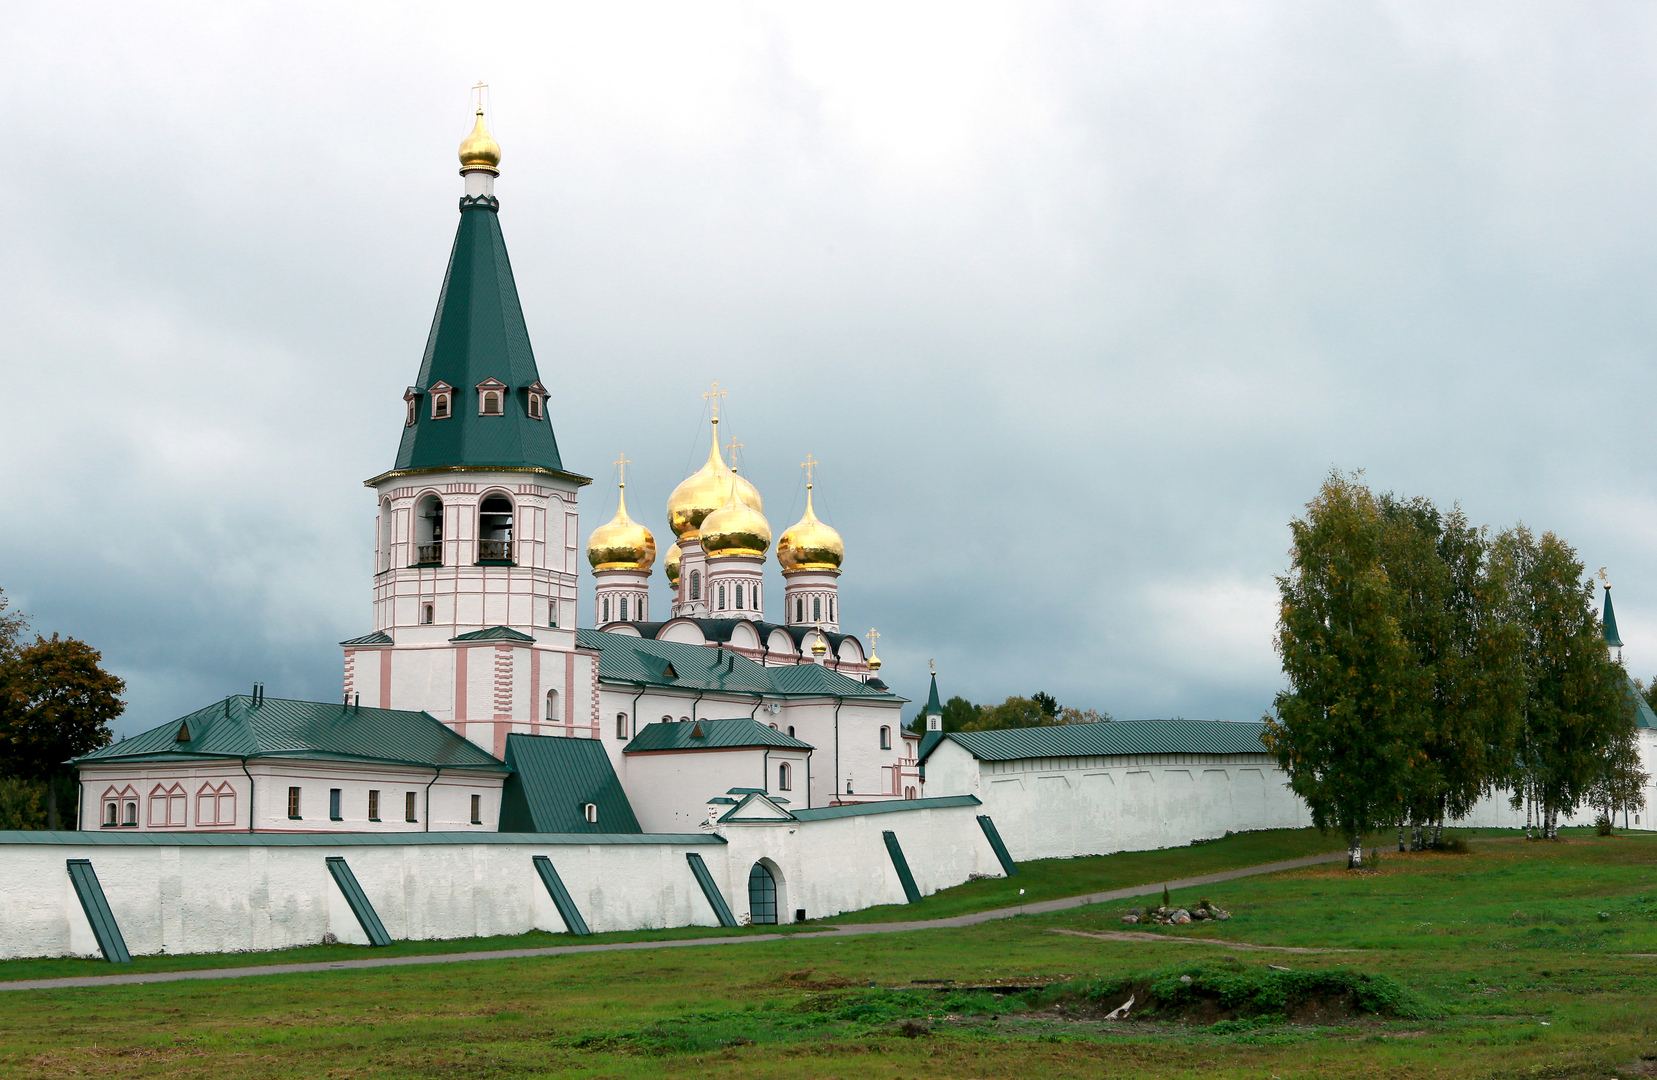 الأمن الفدرالي الروسي يقبض على سارقي أيقونة كان بوتين أهداها لأحد الأديرة